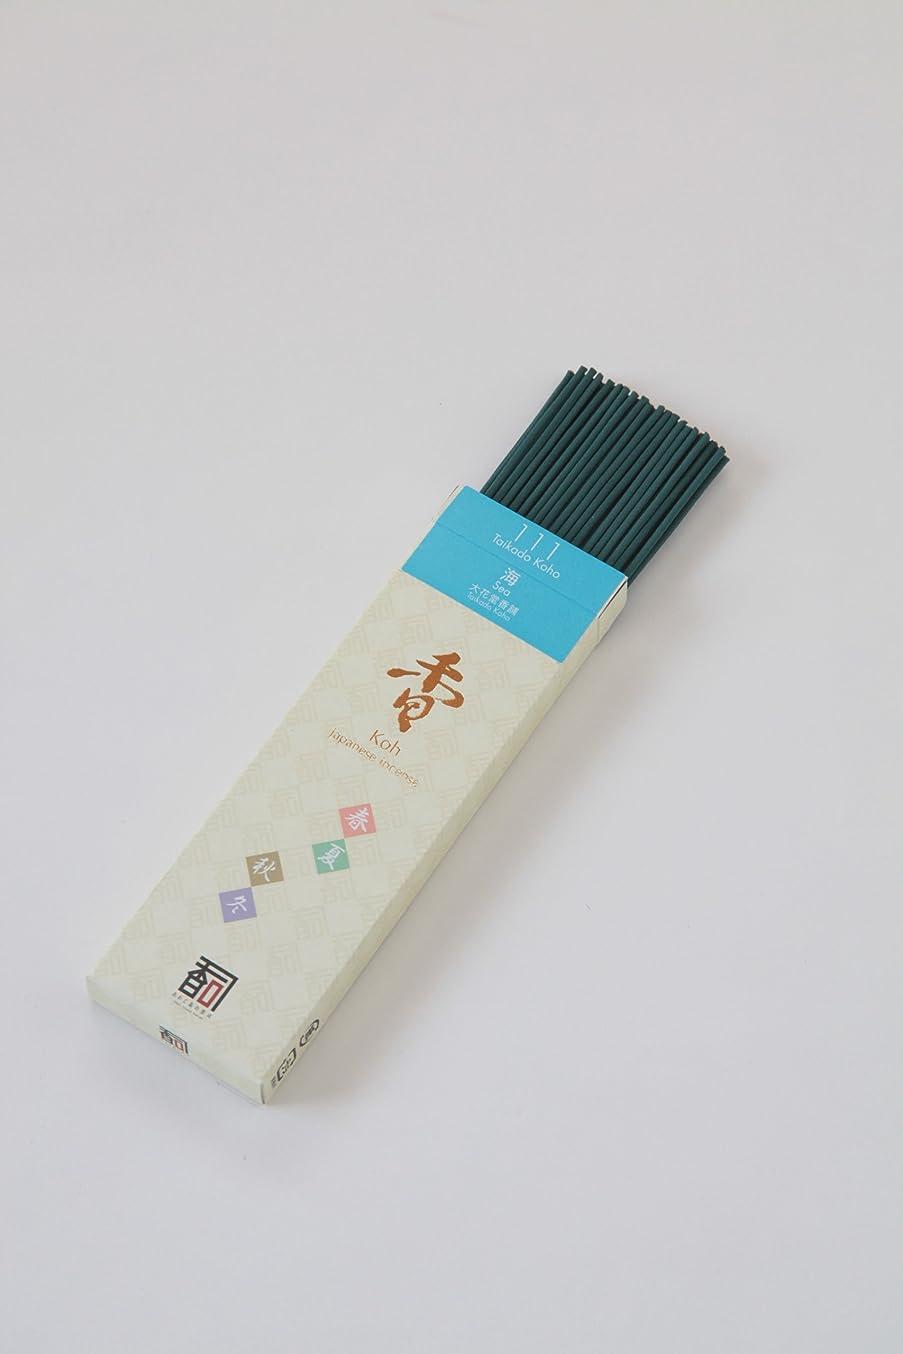 保存長いです形成「あわじ島の香司」 日本の香りシリーズ (春夏秋冬) 【111】  ◆海◆